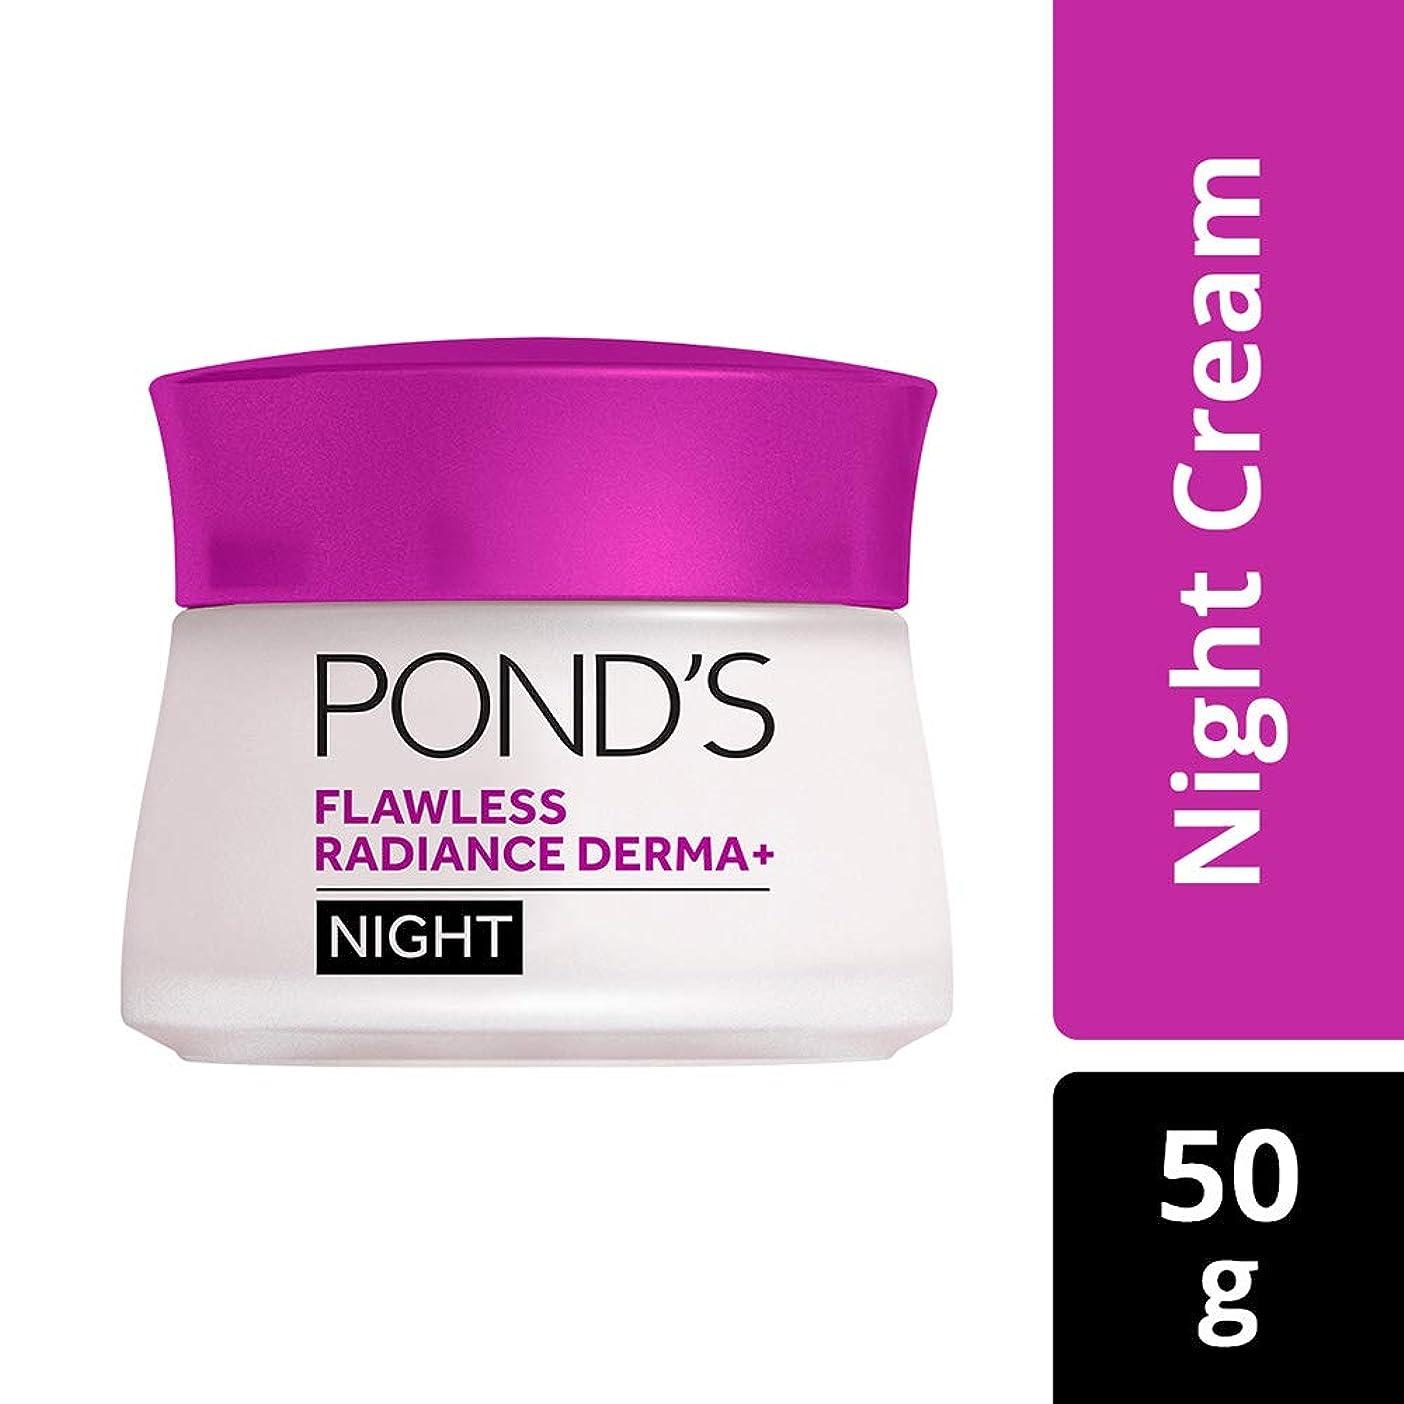 プランテーションを通して周辺Pond's Flawless Radiance Derma+ Night Cream, 50 g (並行インポート) India